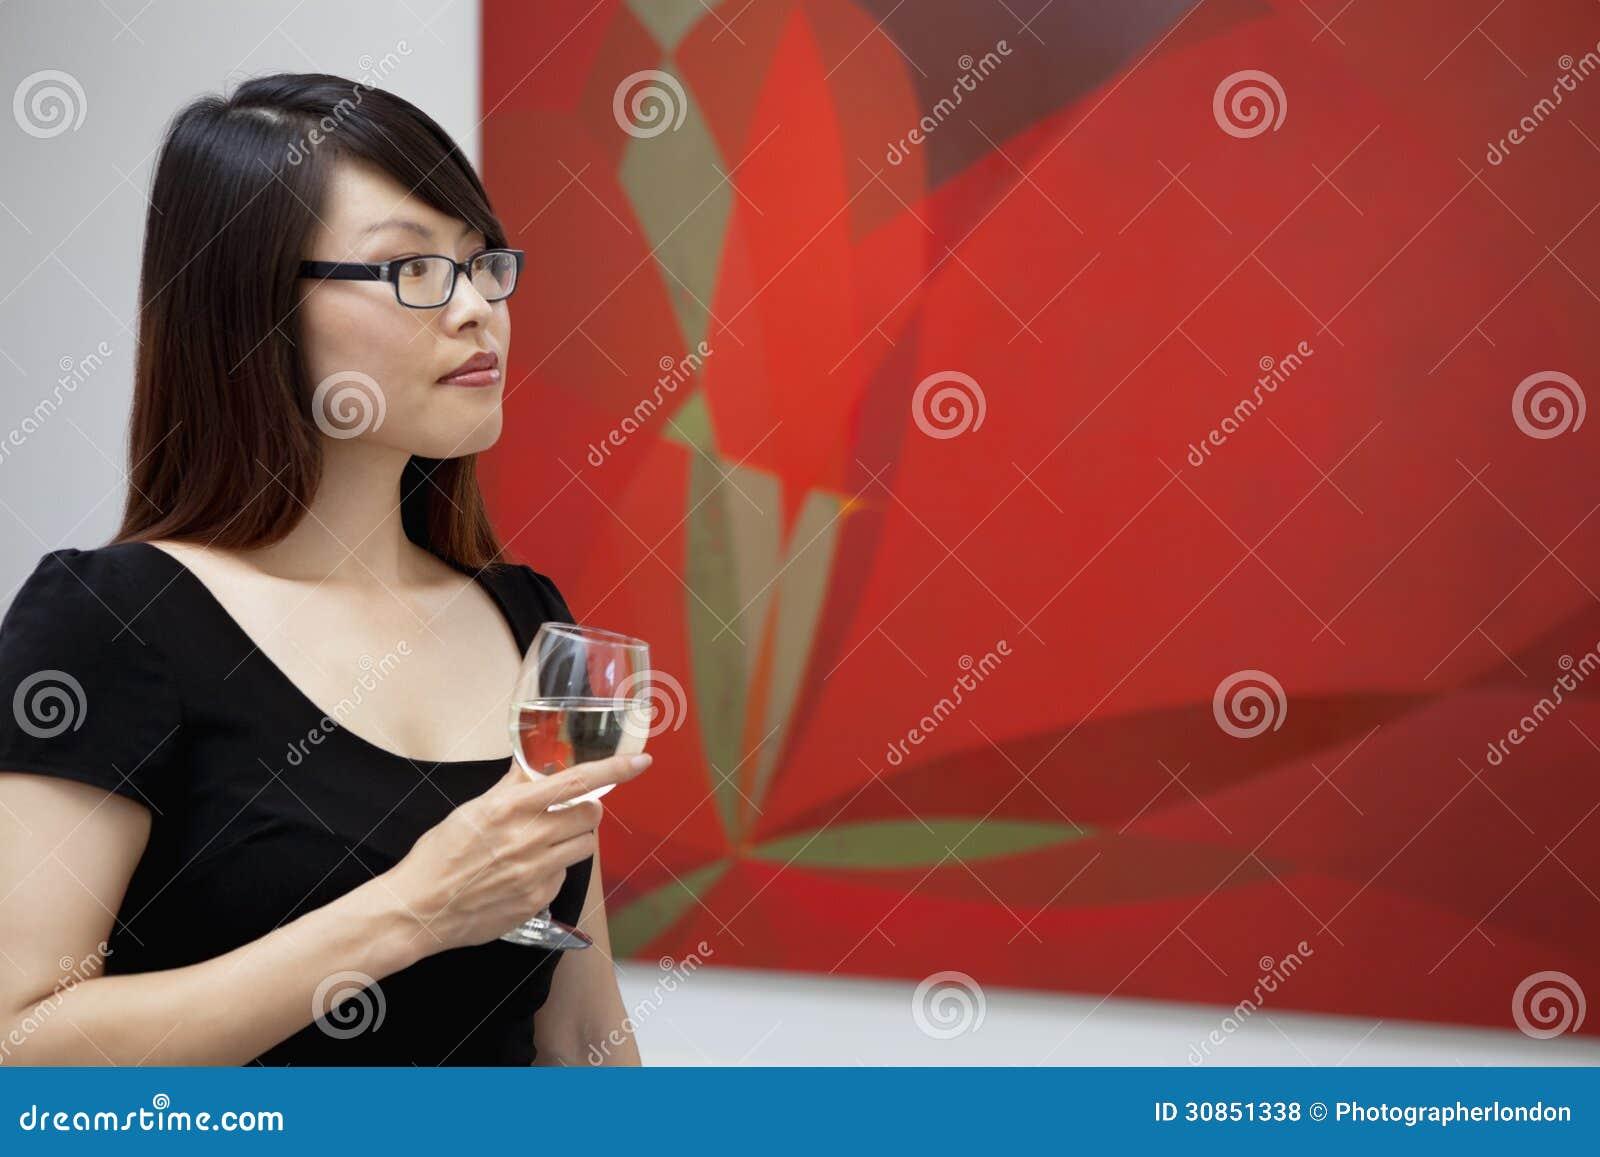 галерея скачать фотографии женщина